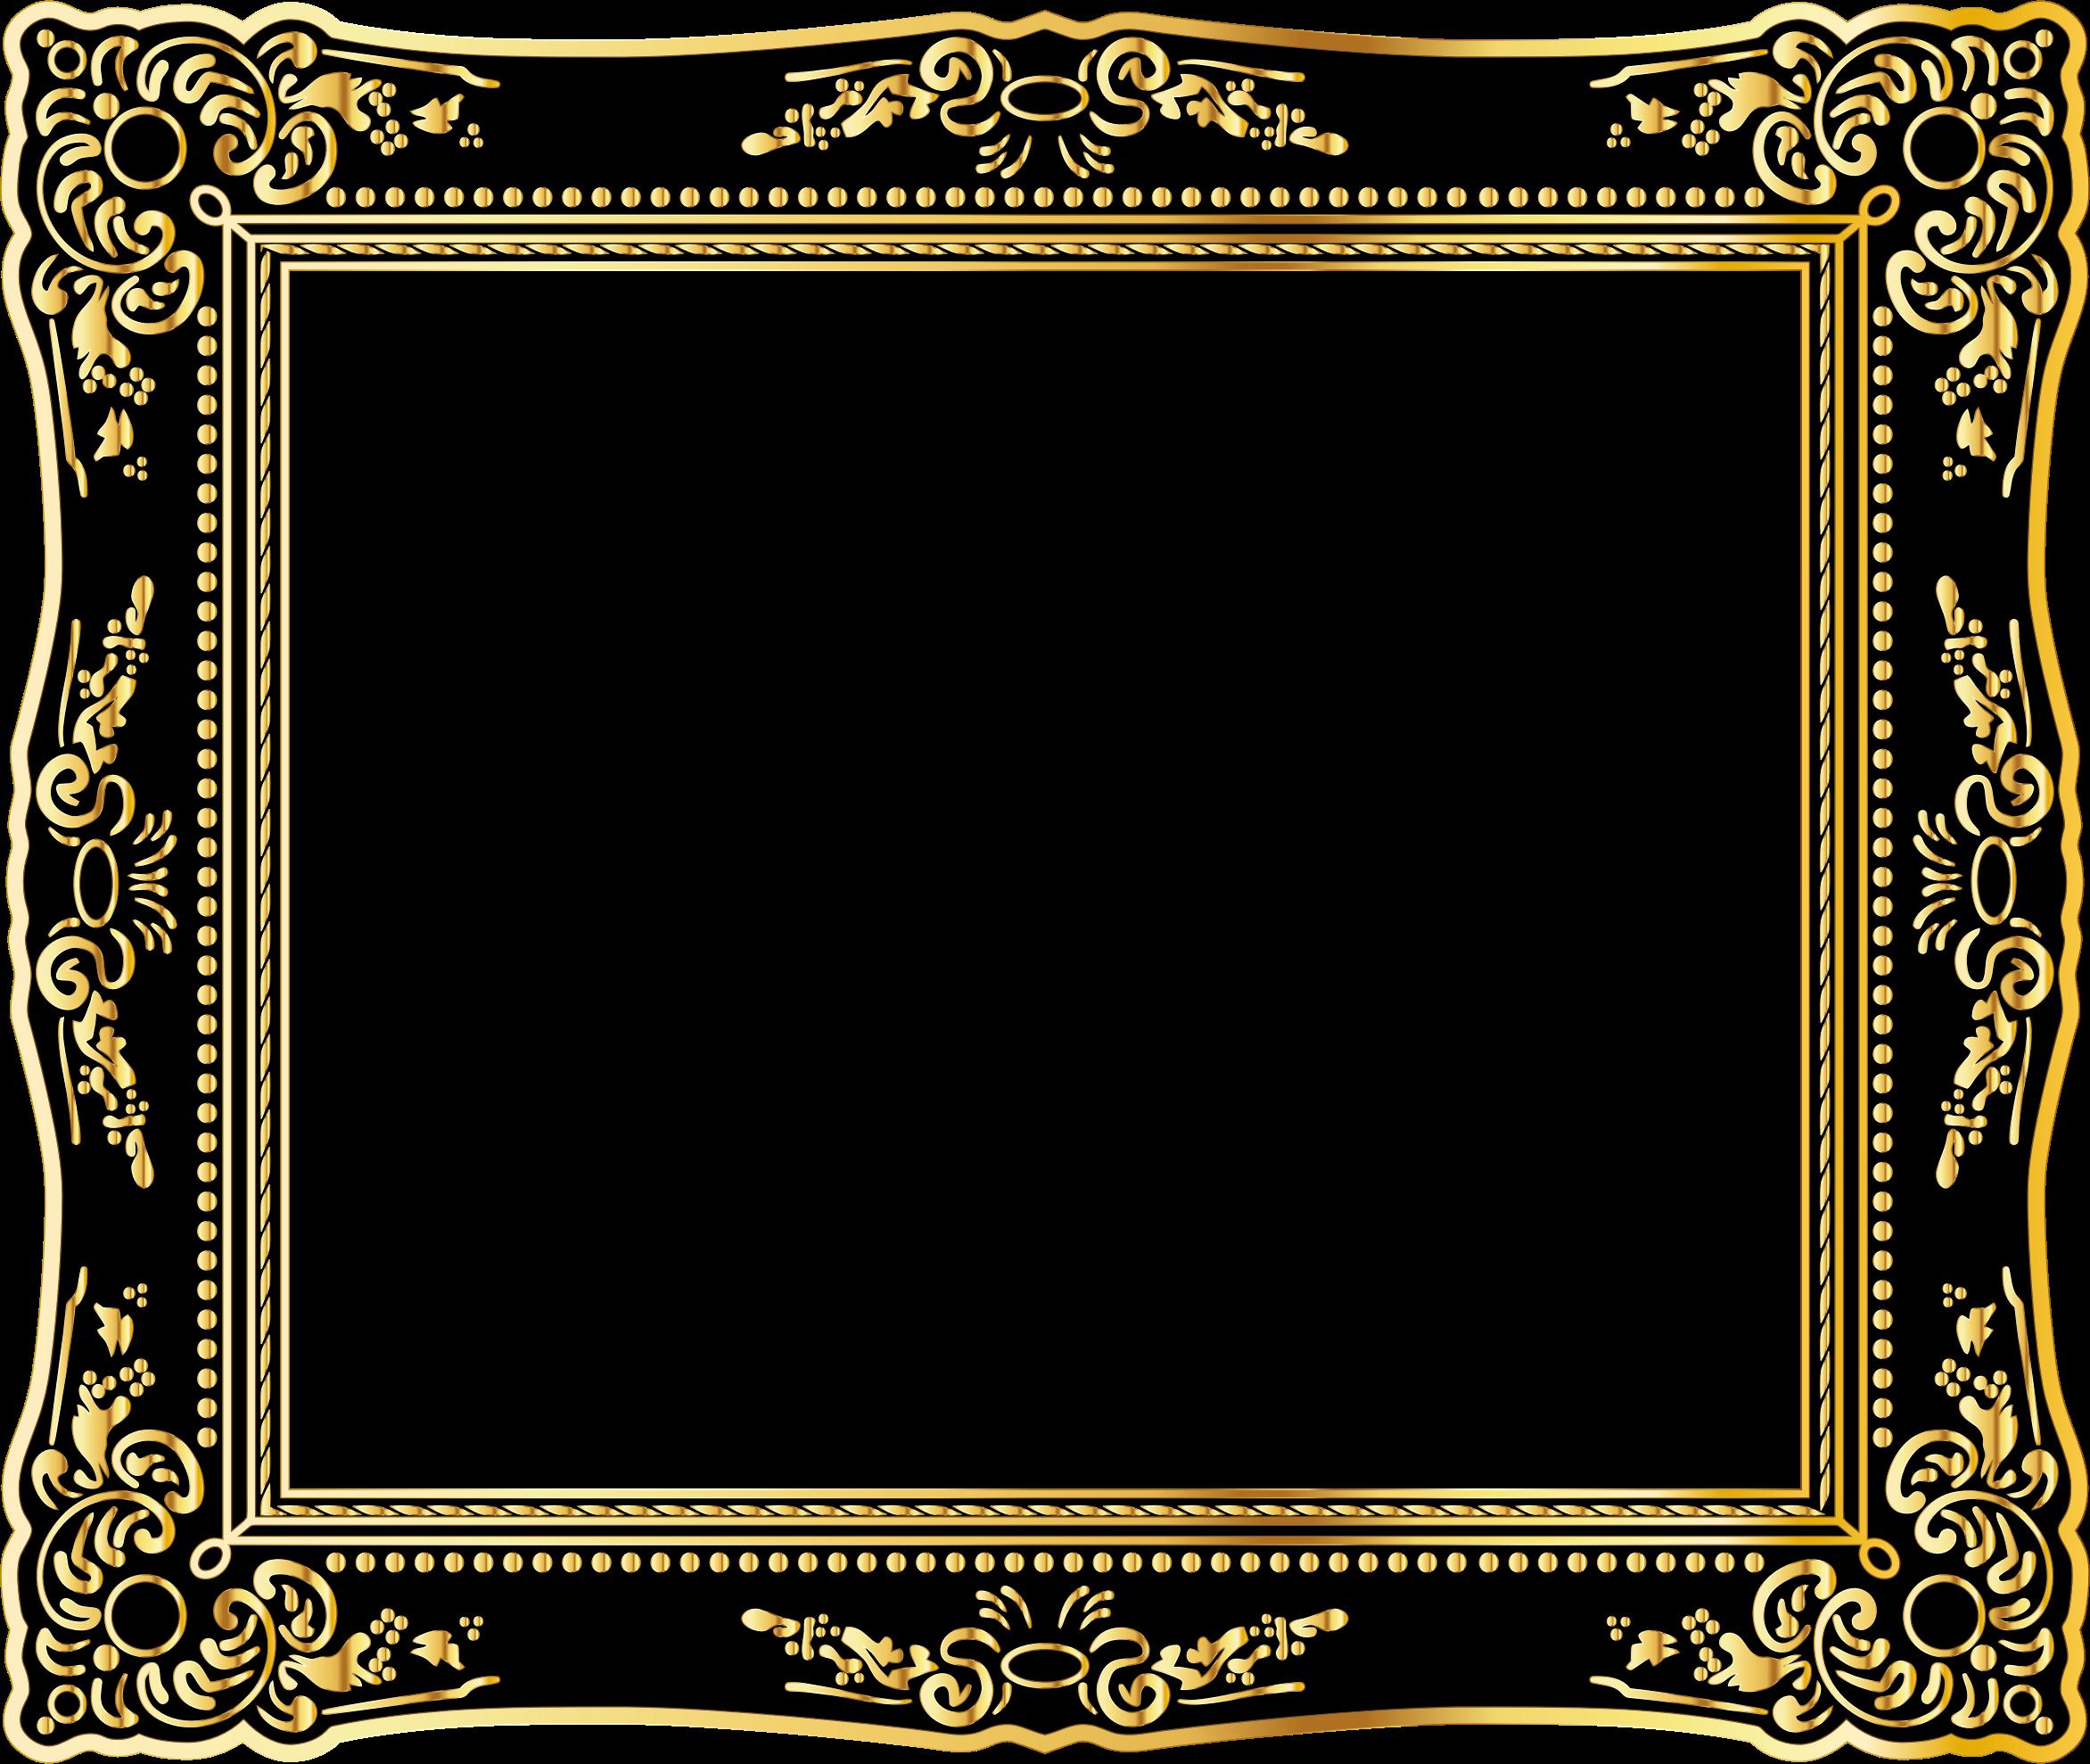 Download Medium Image - Vintage Gold Frame Png - Full Size ...